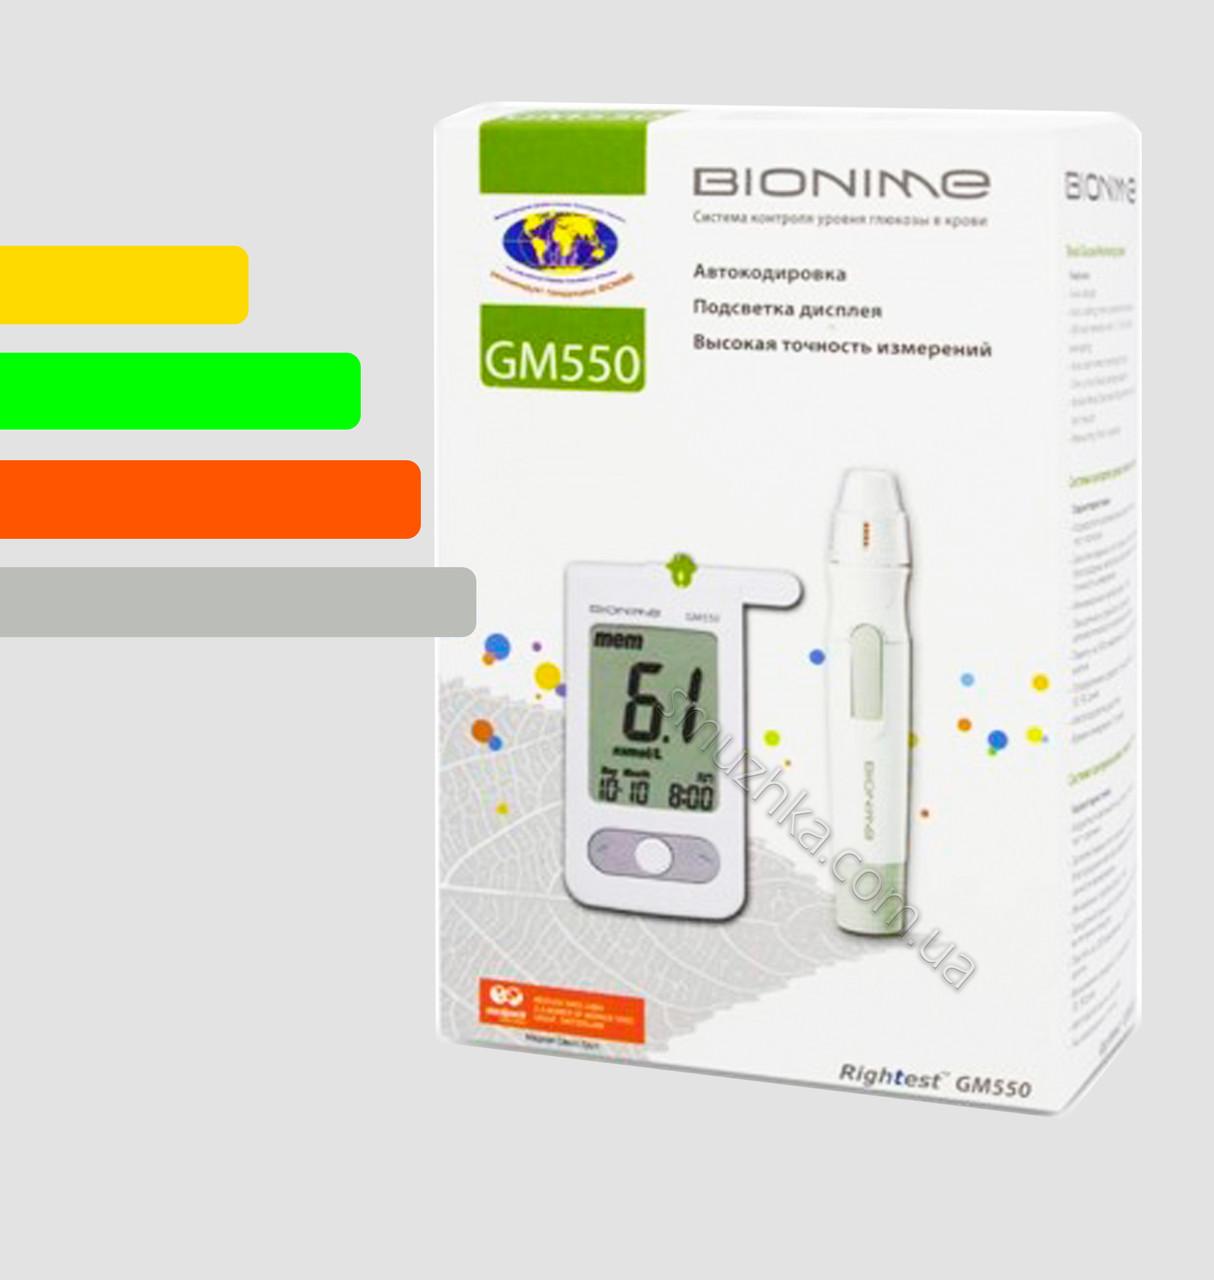 Глюкометр Бионайм GM550 - Bionime GM550